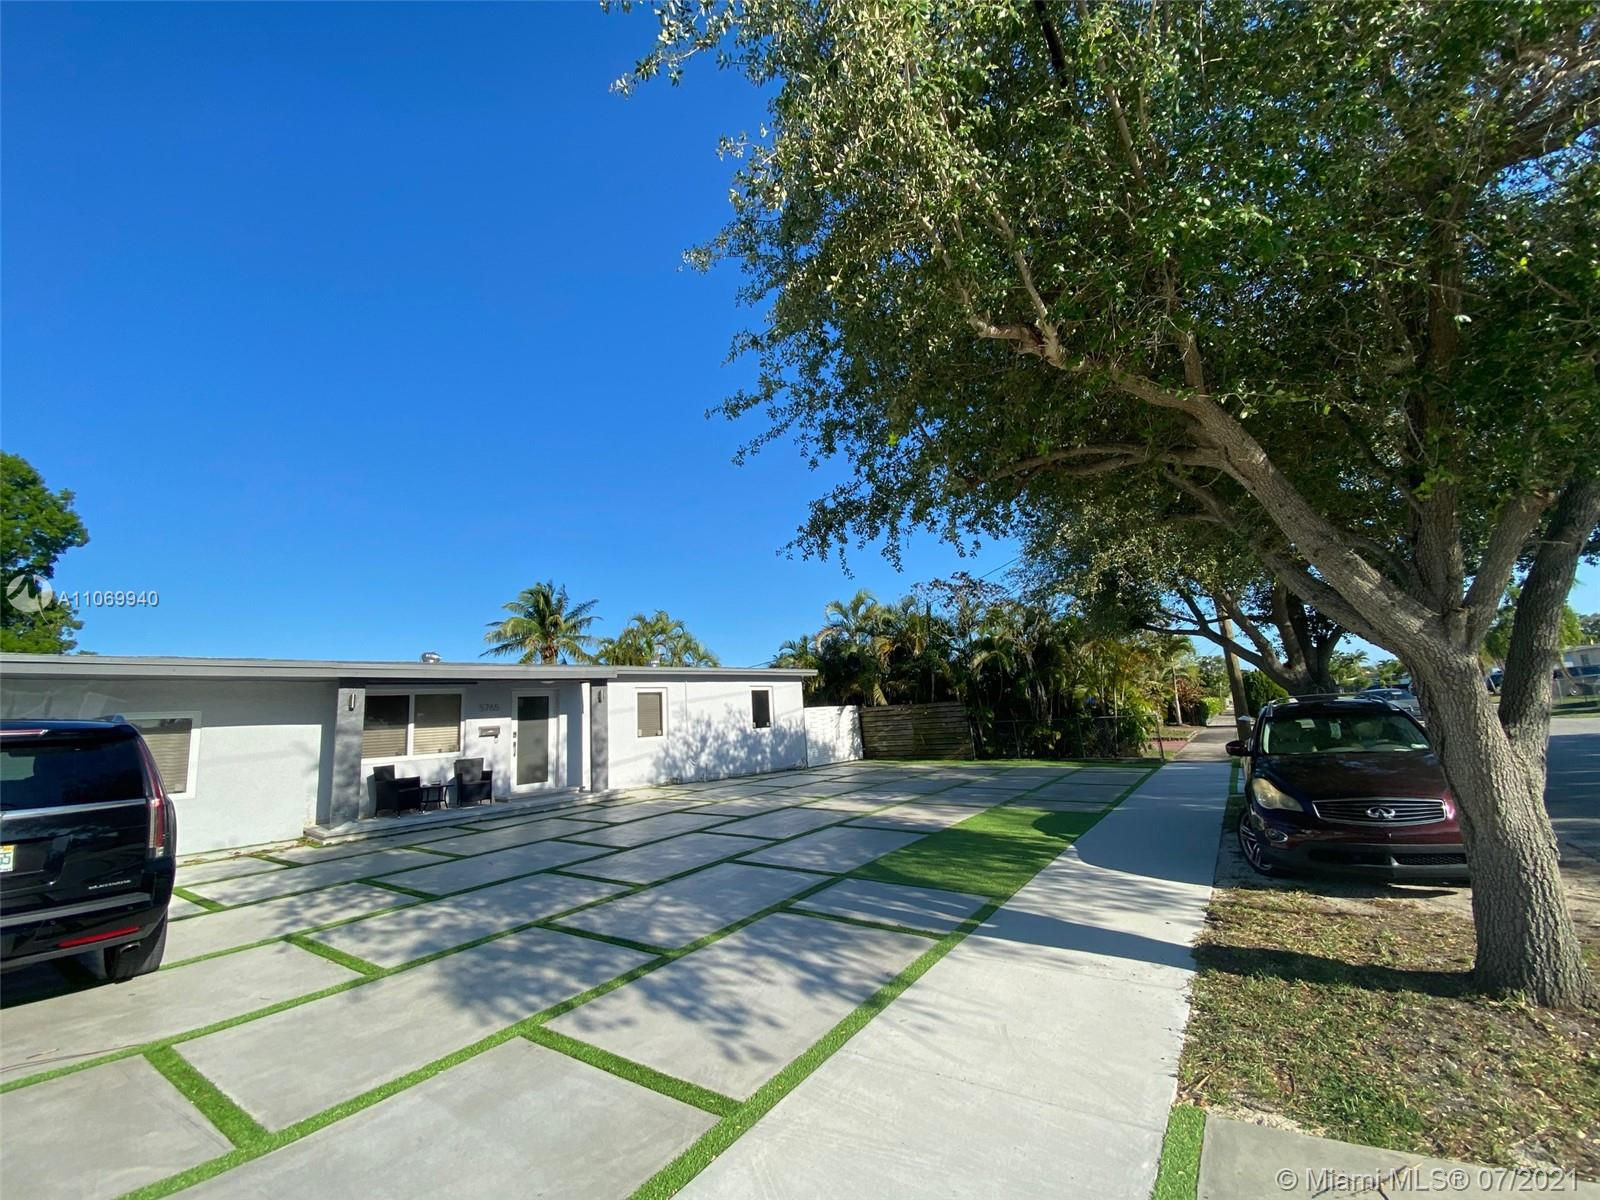 Snapper Creek - 5765 SW 116th Ave, Miami, FL 33173